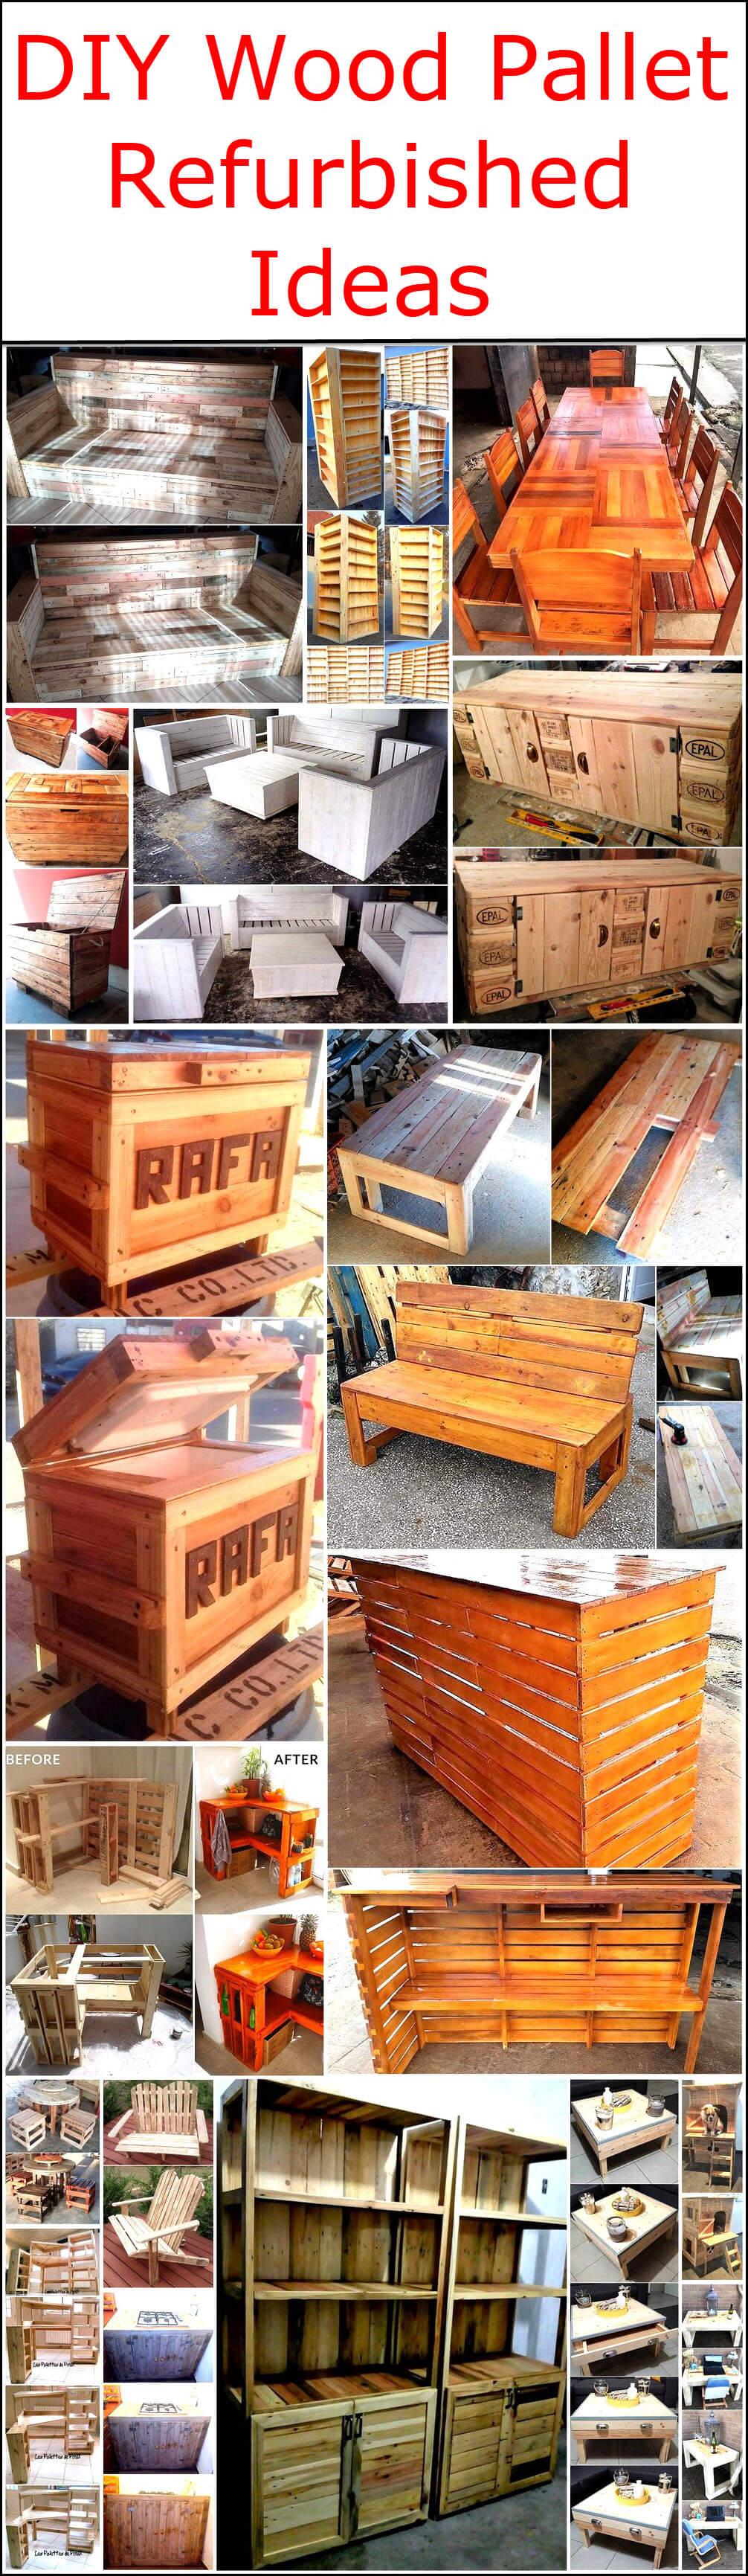 DIY Wood Pallet Refurbished Ideas